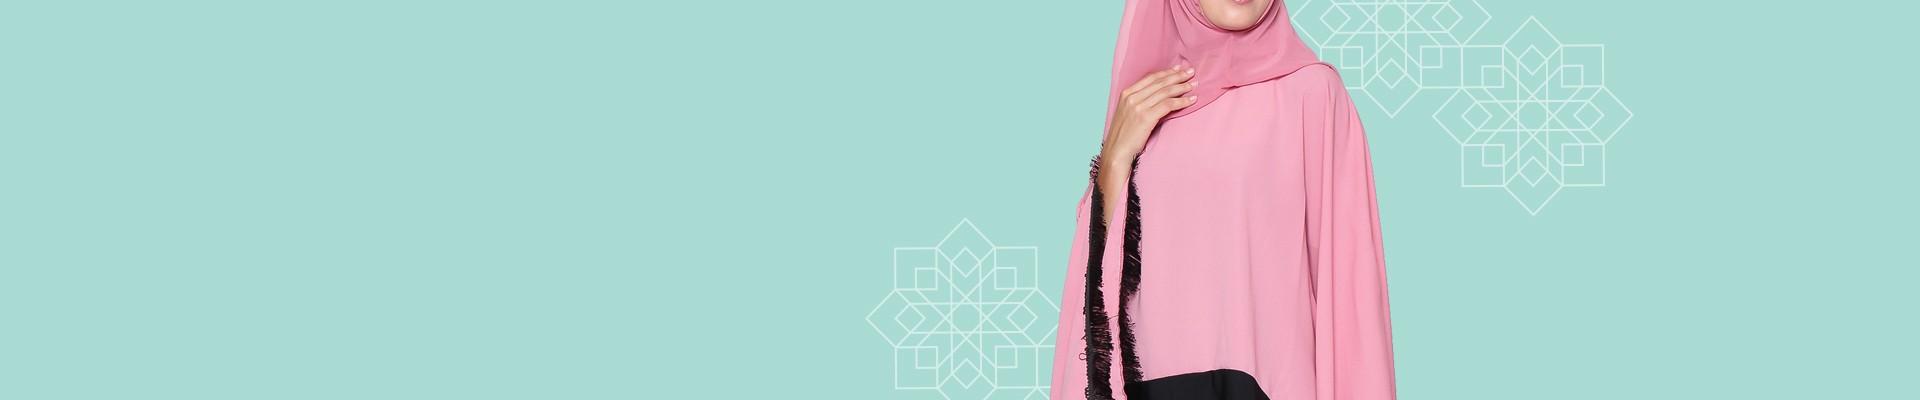 Jual Blouse Muslim Wanita Terbaru - Harga Murah